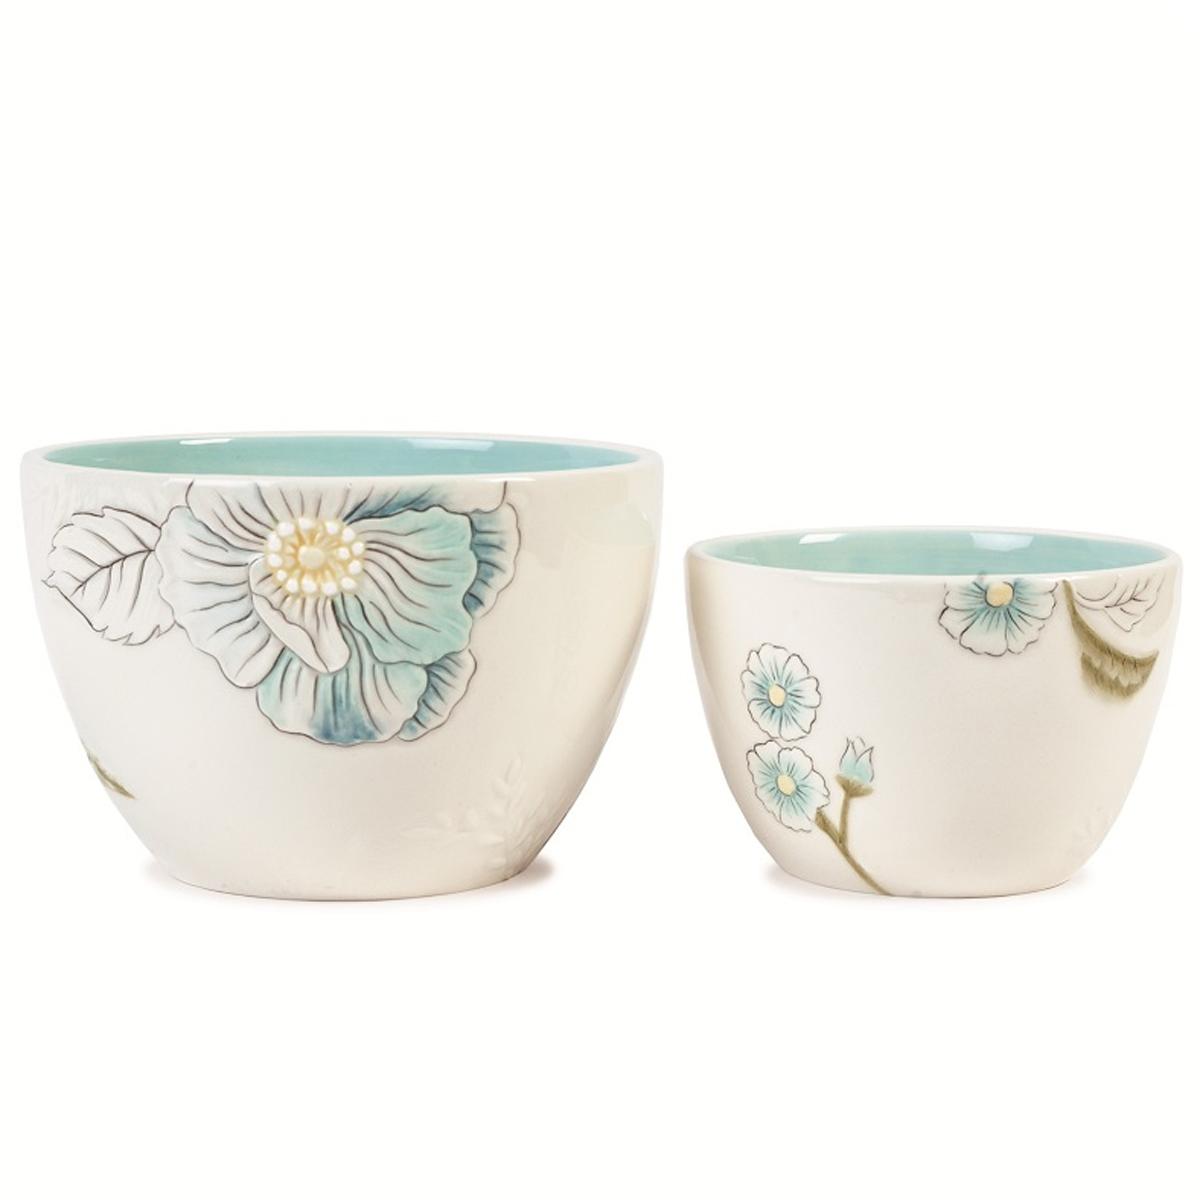 Набор чаш Fitz and Floyd Цветок, 2 шт20-286Набор Fitz and Floyd Цветок состоит из 2 чаш, изготовленных из высококачественной керамики и оформленных рельефным узором. Такие чаши станут украшением вашей кухни, а также замечательным подарком всем ценителям красоты. Рекомендуется мыть вручную. Объем чаш: 450 мл, 980 мл. Диаметр по верхнему краю: 11,5 см, 15 см. Высота стенок чаш: 7,7 см, 10 см.